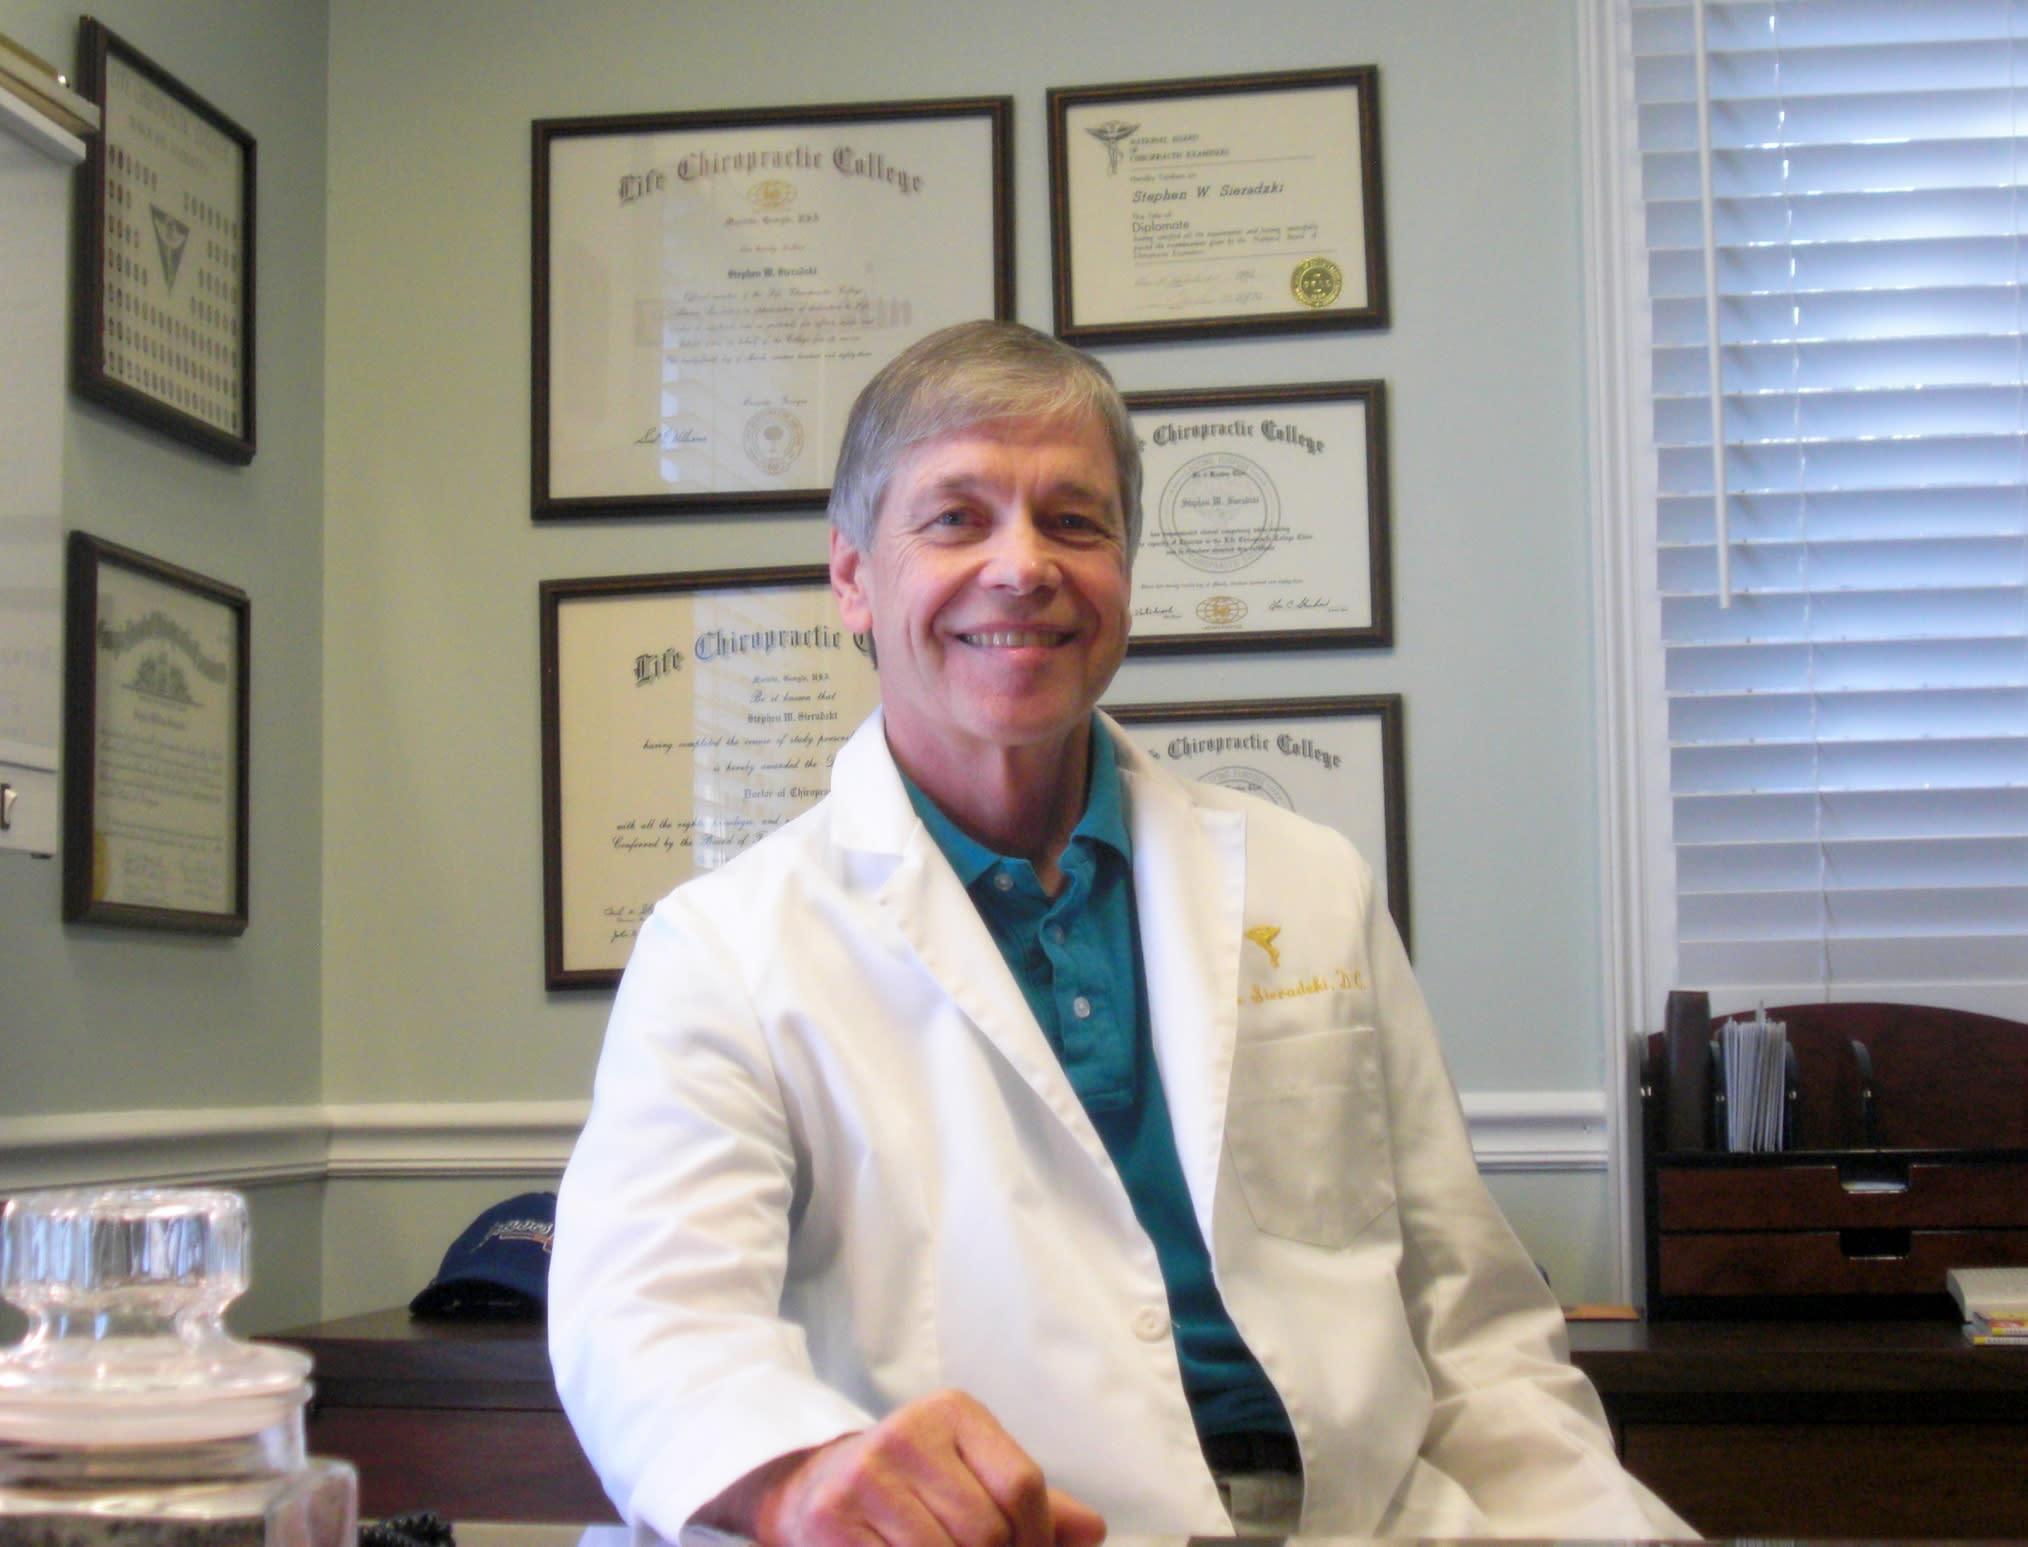 Stephen W Sieradzki, DC Chiropractor